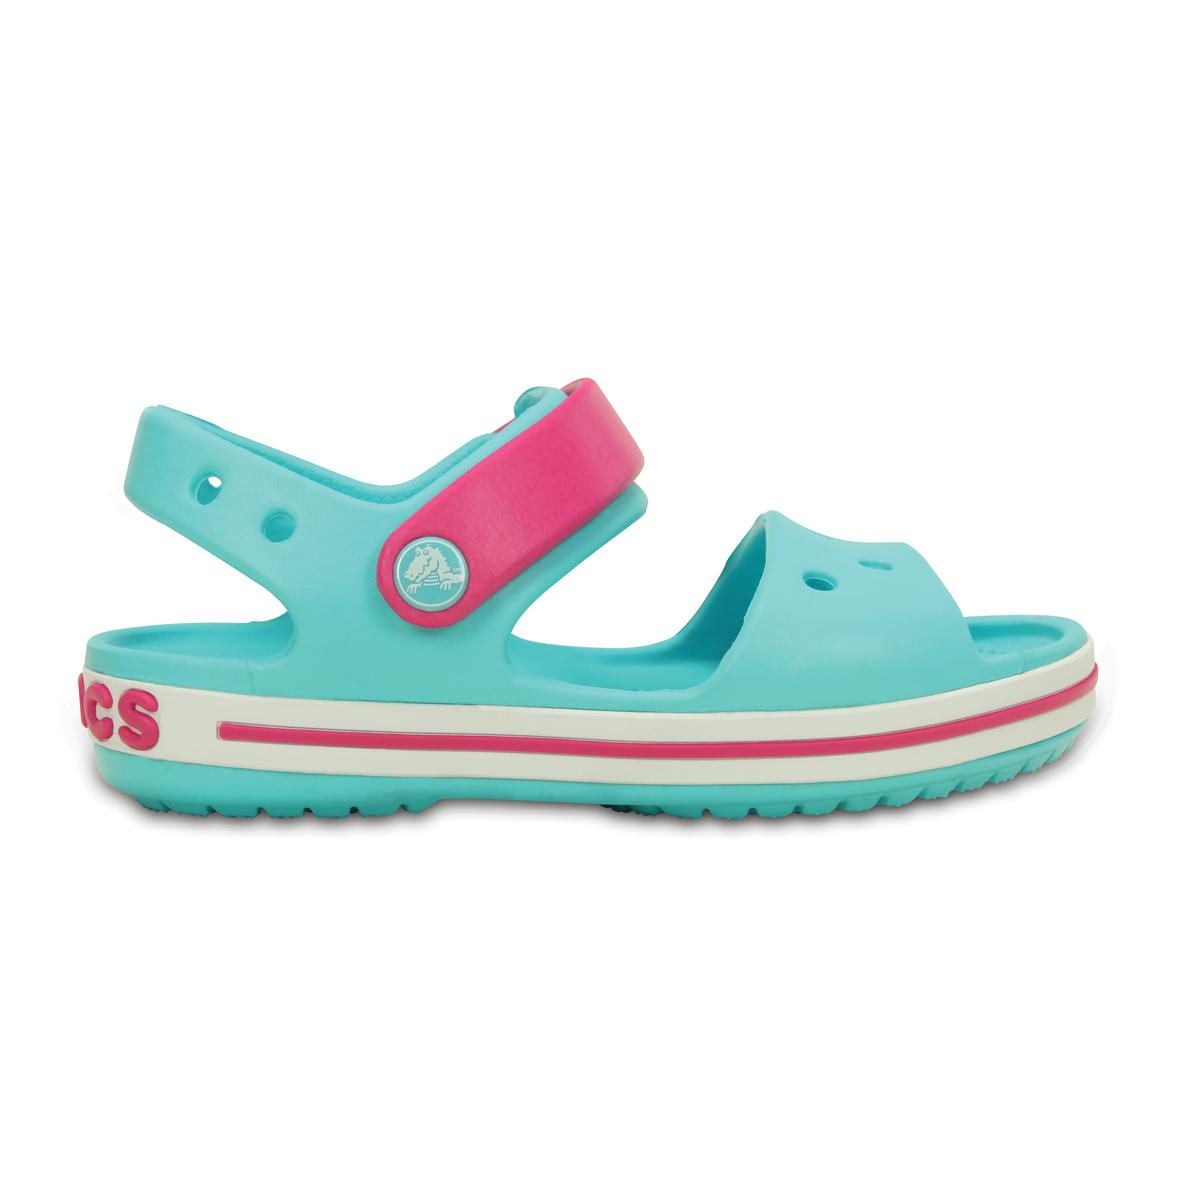 Crocs Crocband Sandal Kids - Havuz/Şeker Pembesi